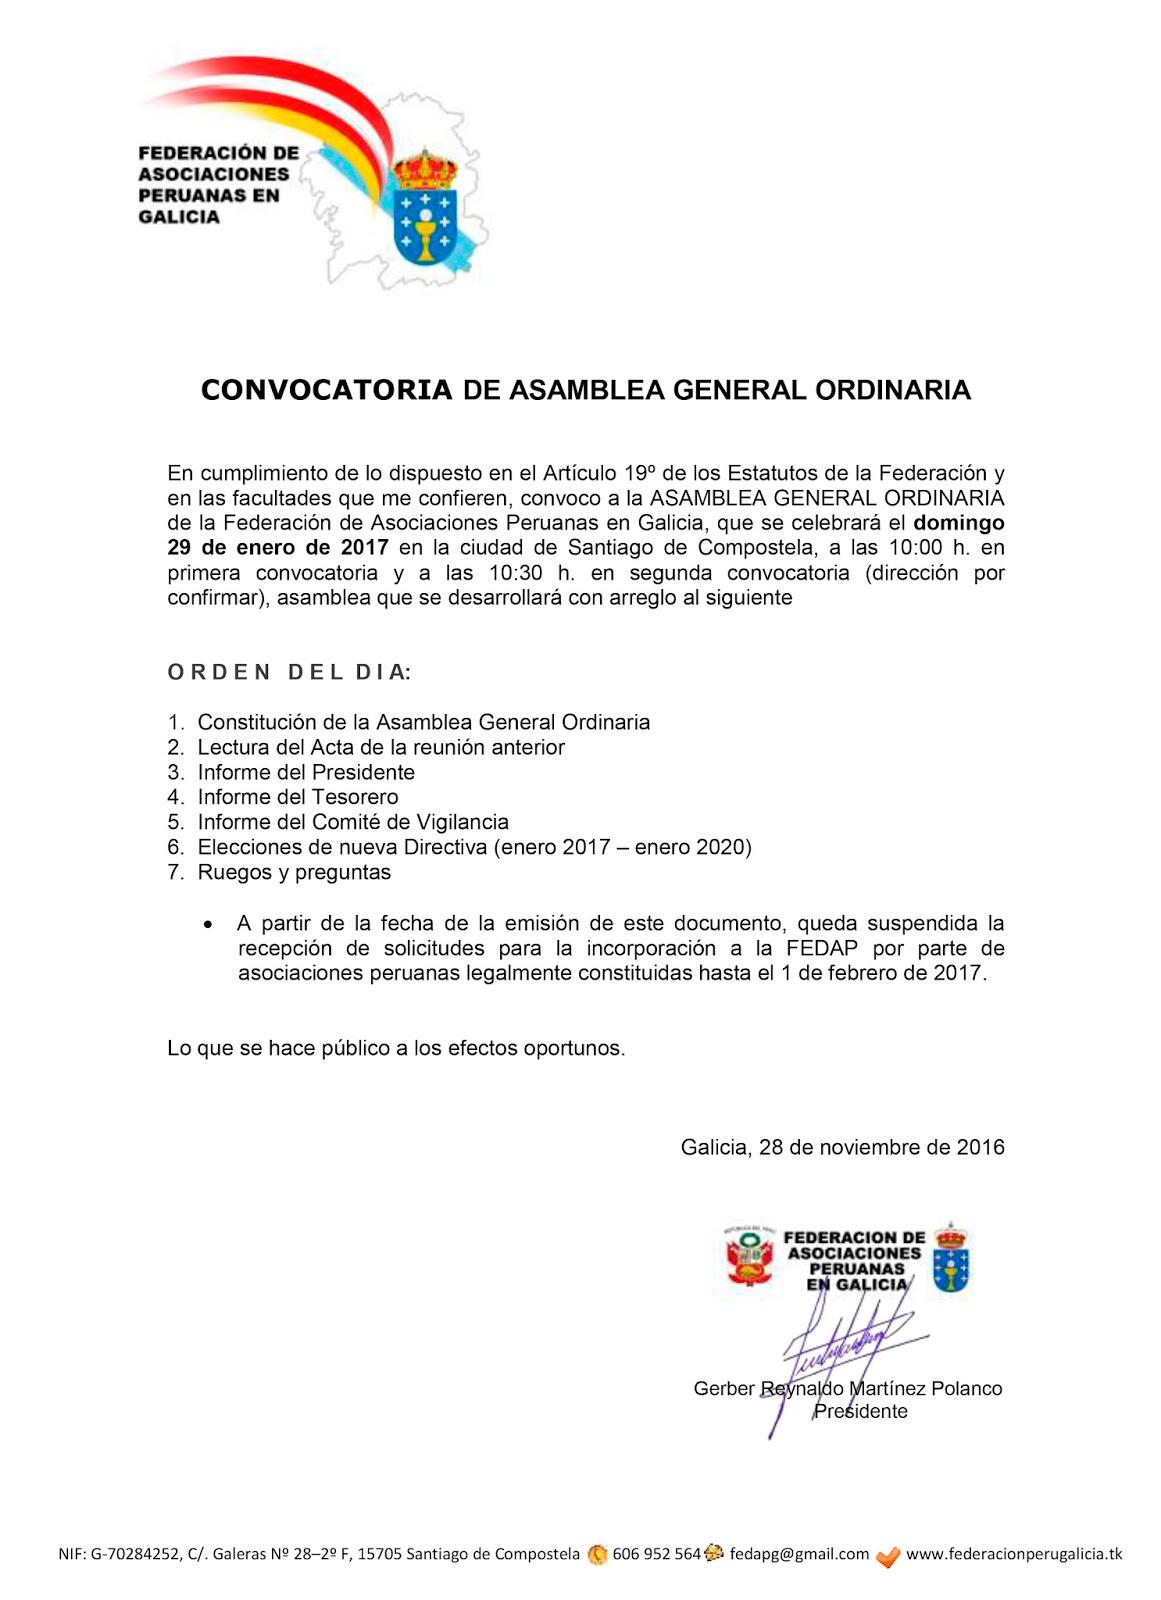 Federación de Asociaciones Peruanas en Galicia: 2016